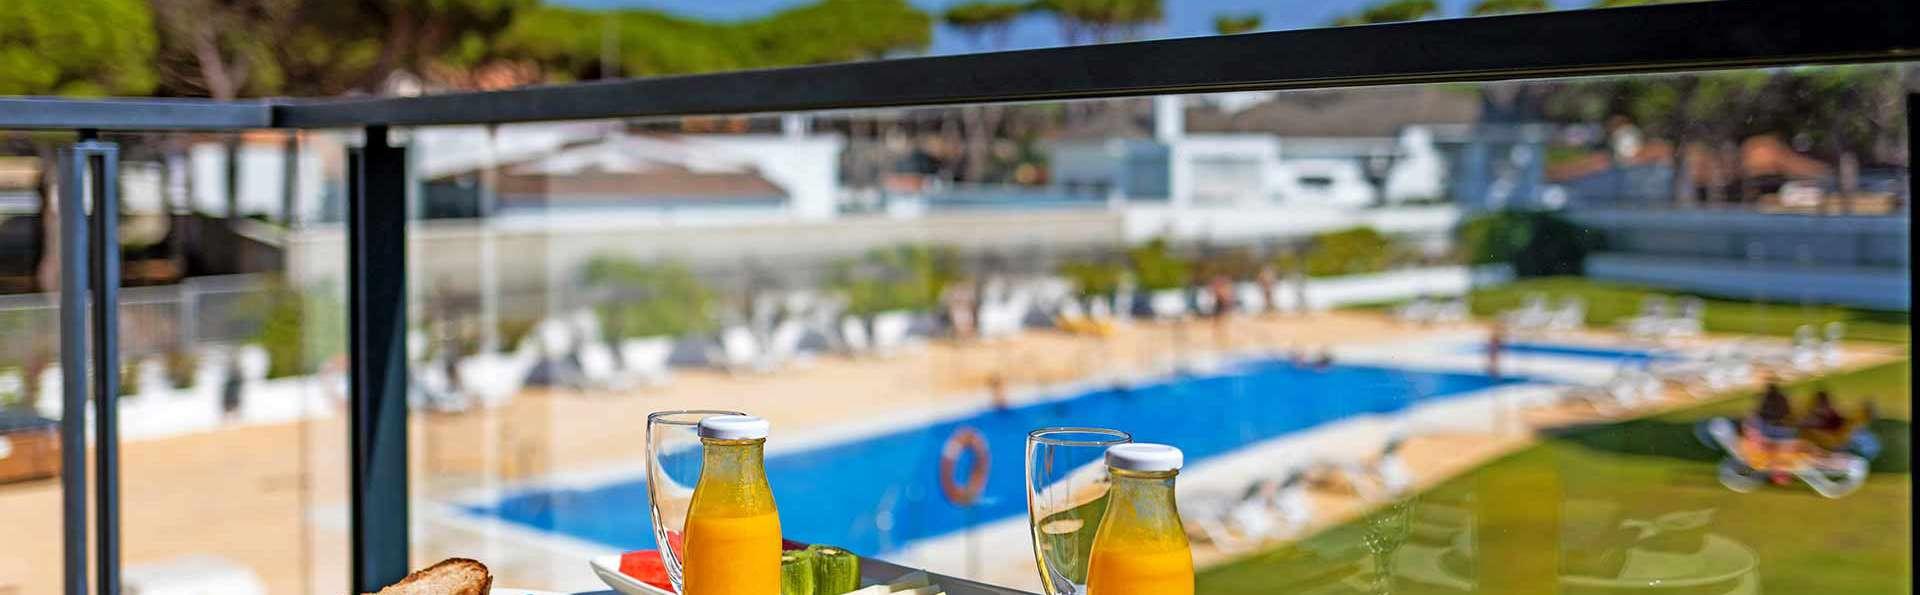 Escapada frente al mar en la playa de La Barrosa con sesión de spa incluida